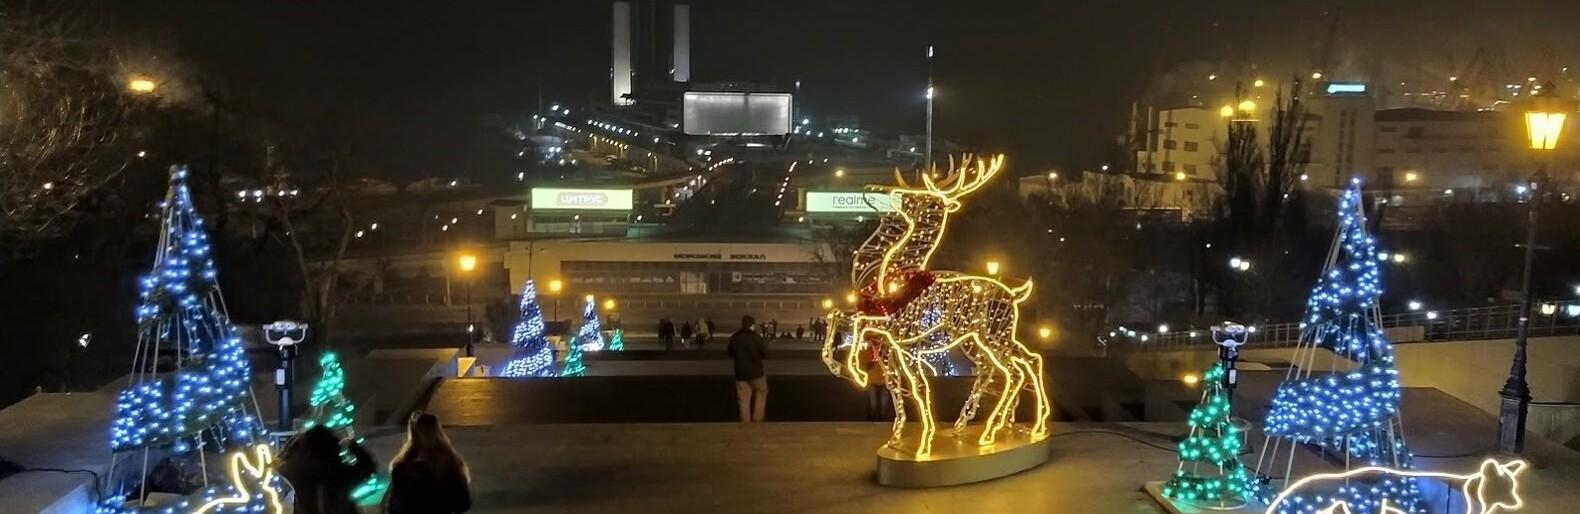 В Одессу на Новый год нагрянет циклон Кира: погода сегодня0